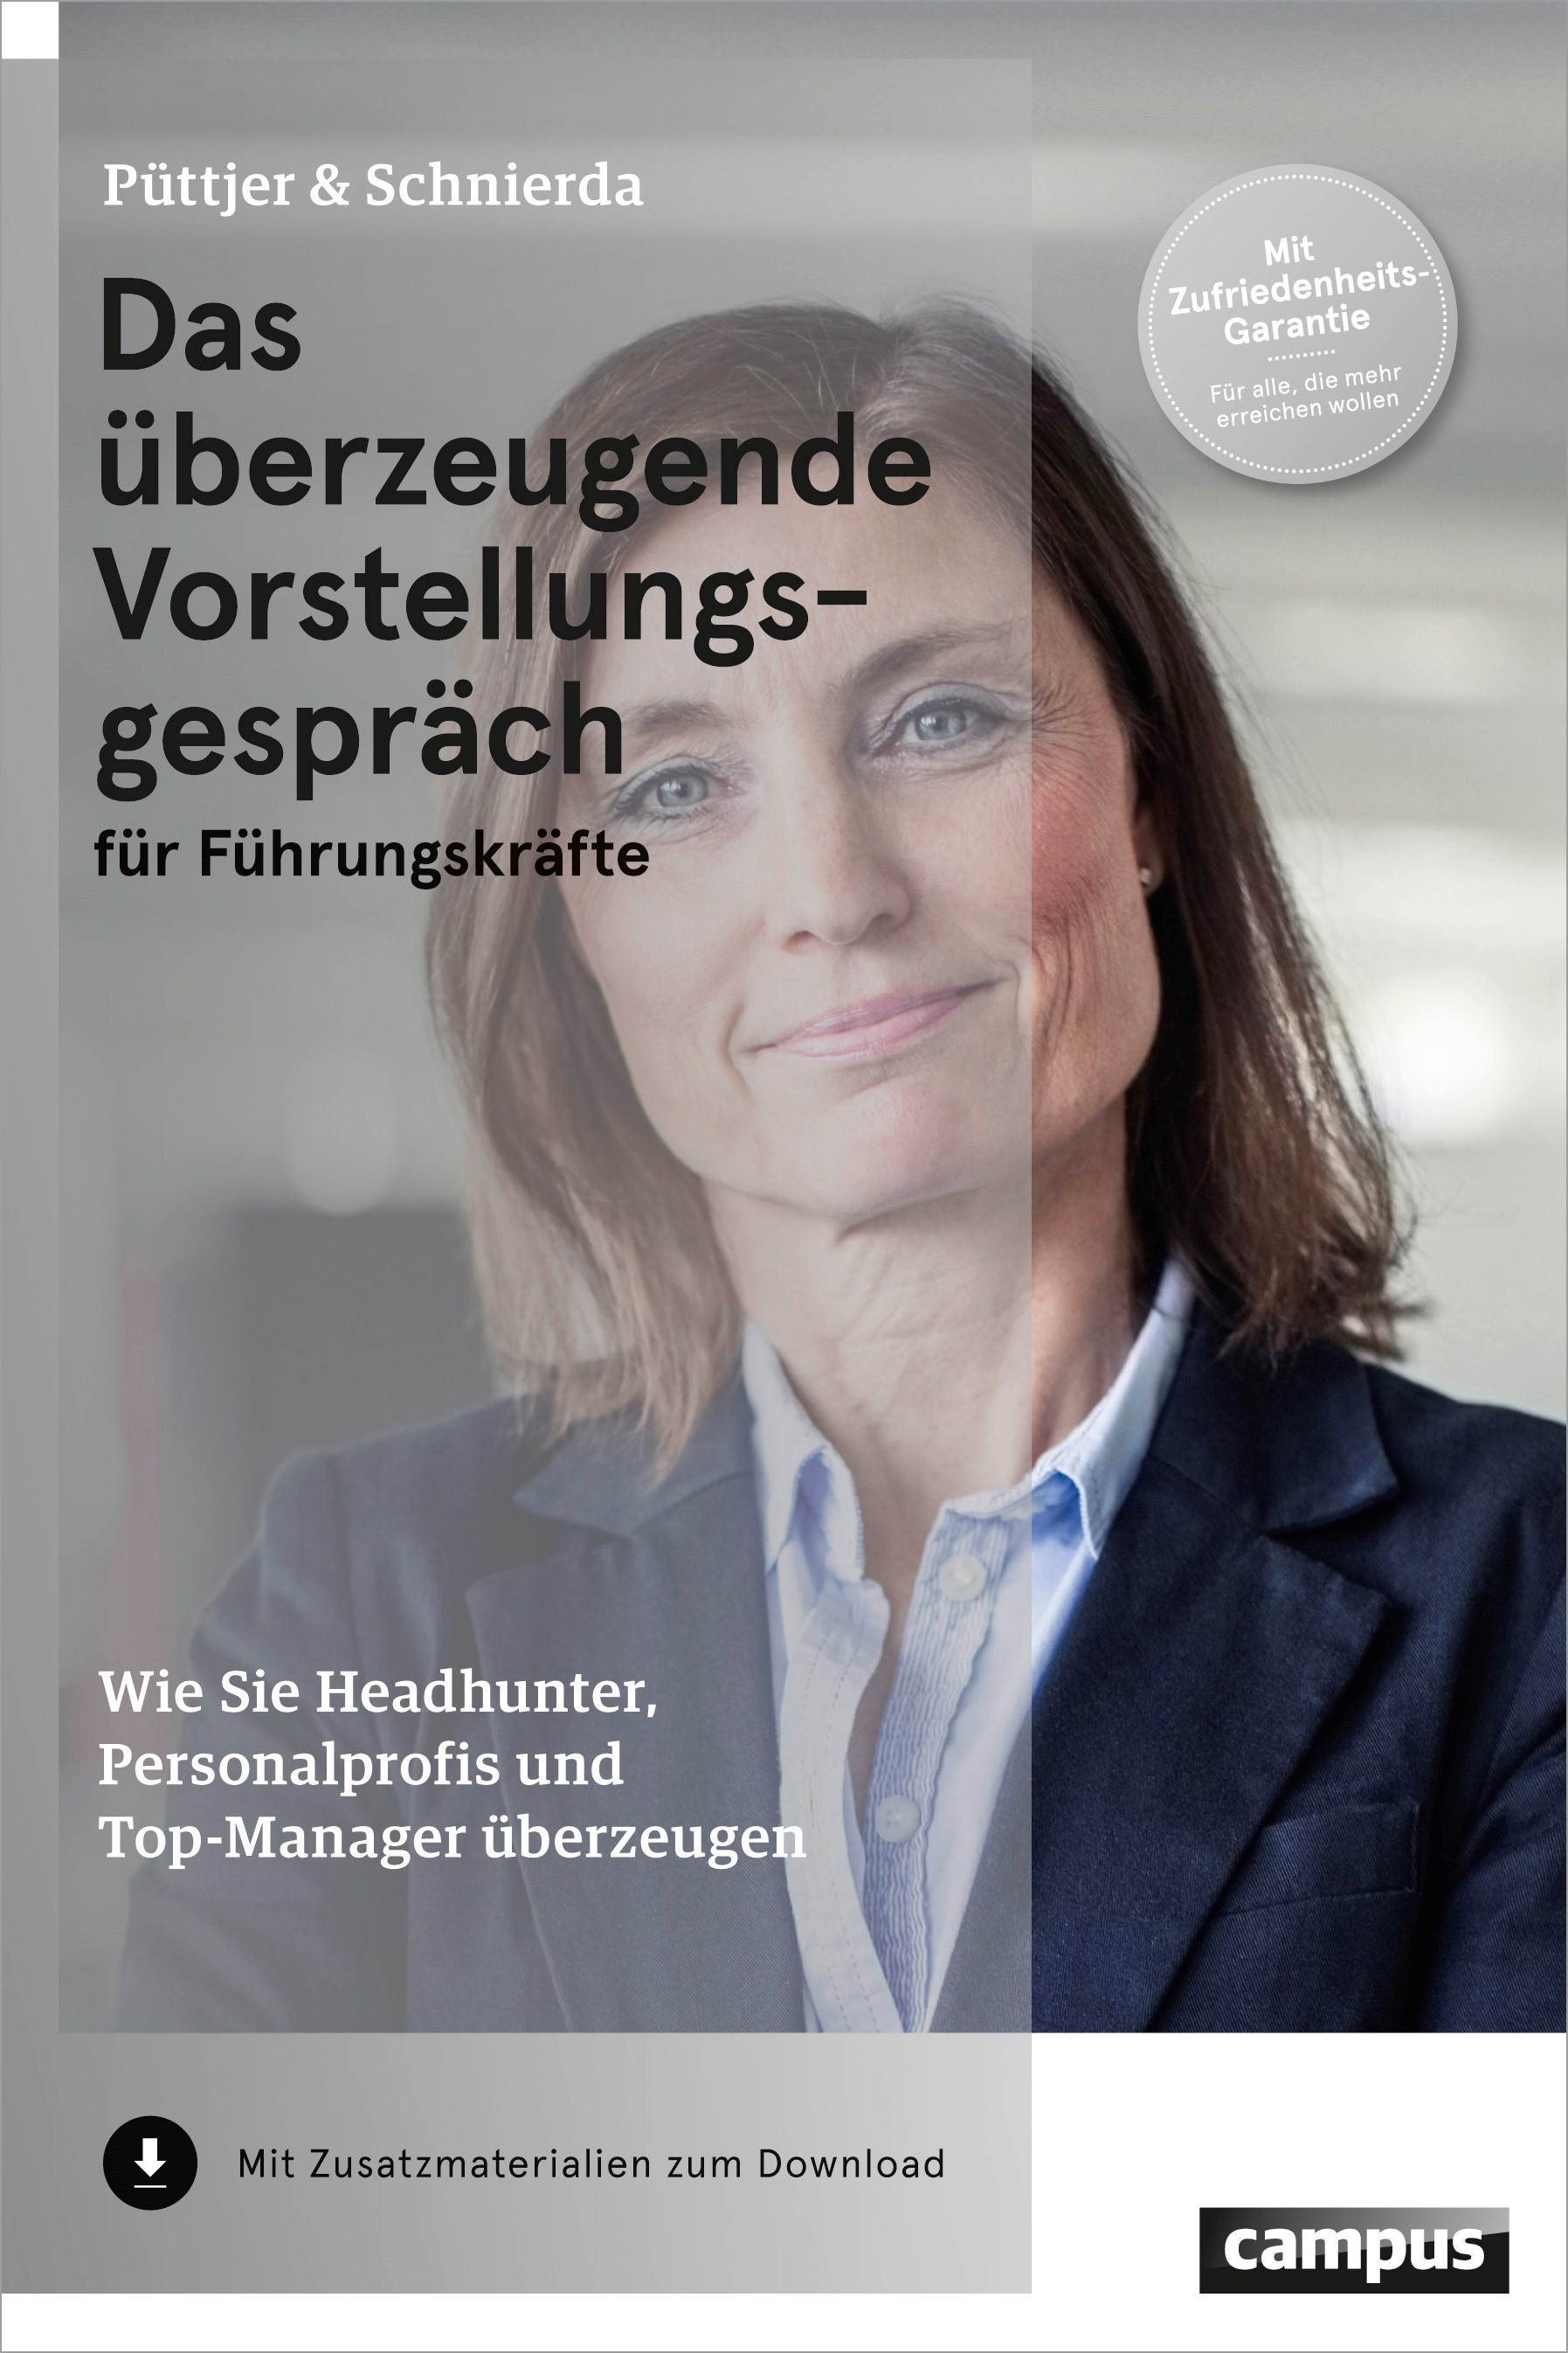 Das überzeugende Vorstellungsgespräch für Führungskräfte | Püttjer / Schnierda | 3. aktualisierte Auflage, 2014 | Buch (Cover)